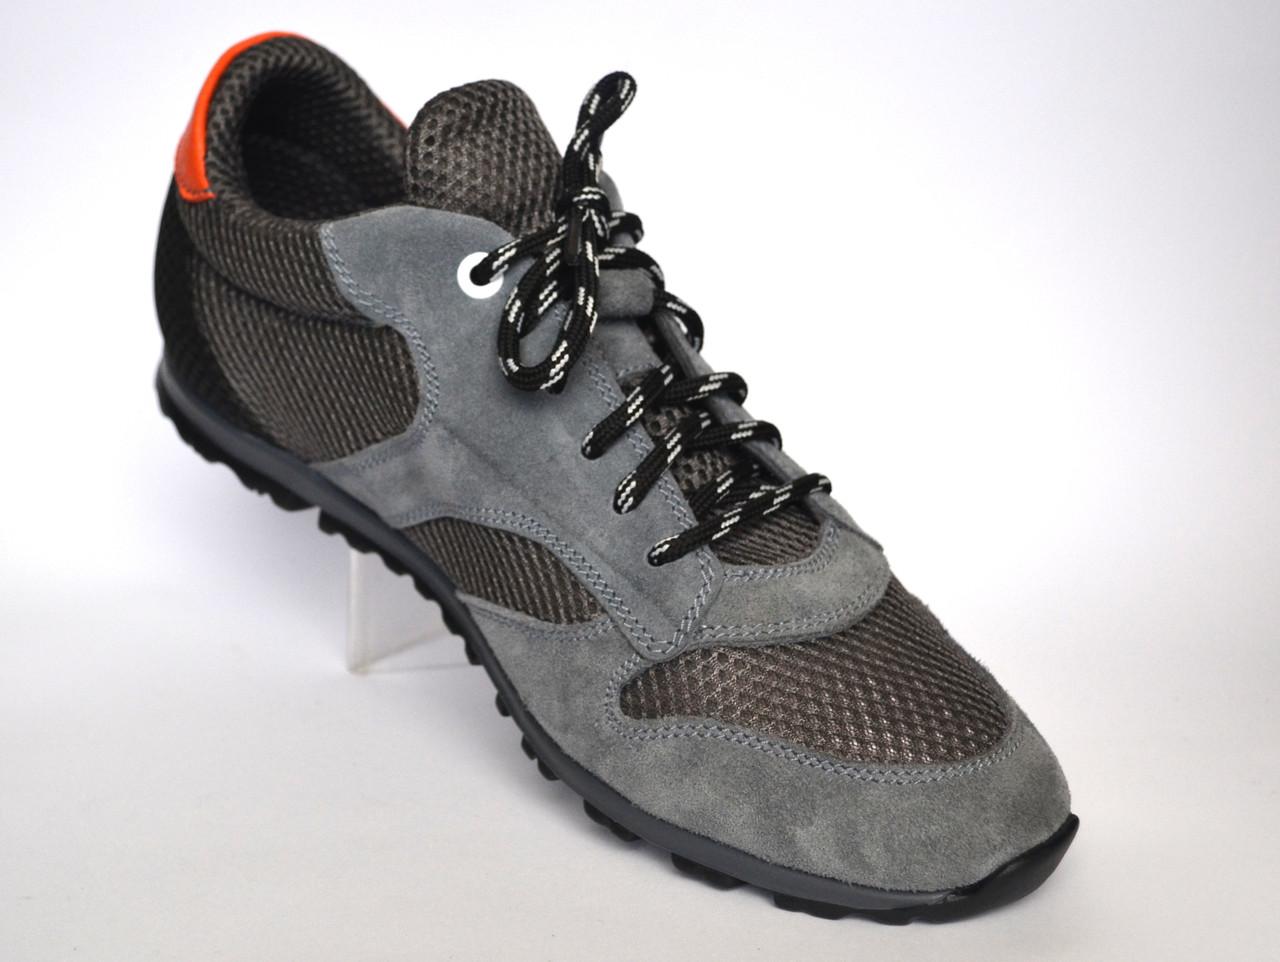 Большой размер кроссовки сникерсы мужские в сеточку с кожаными вставками Rosso Avangard BS Riddo Grey серые